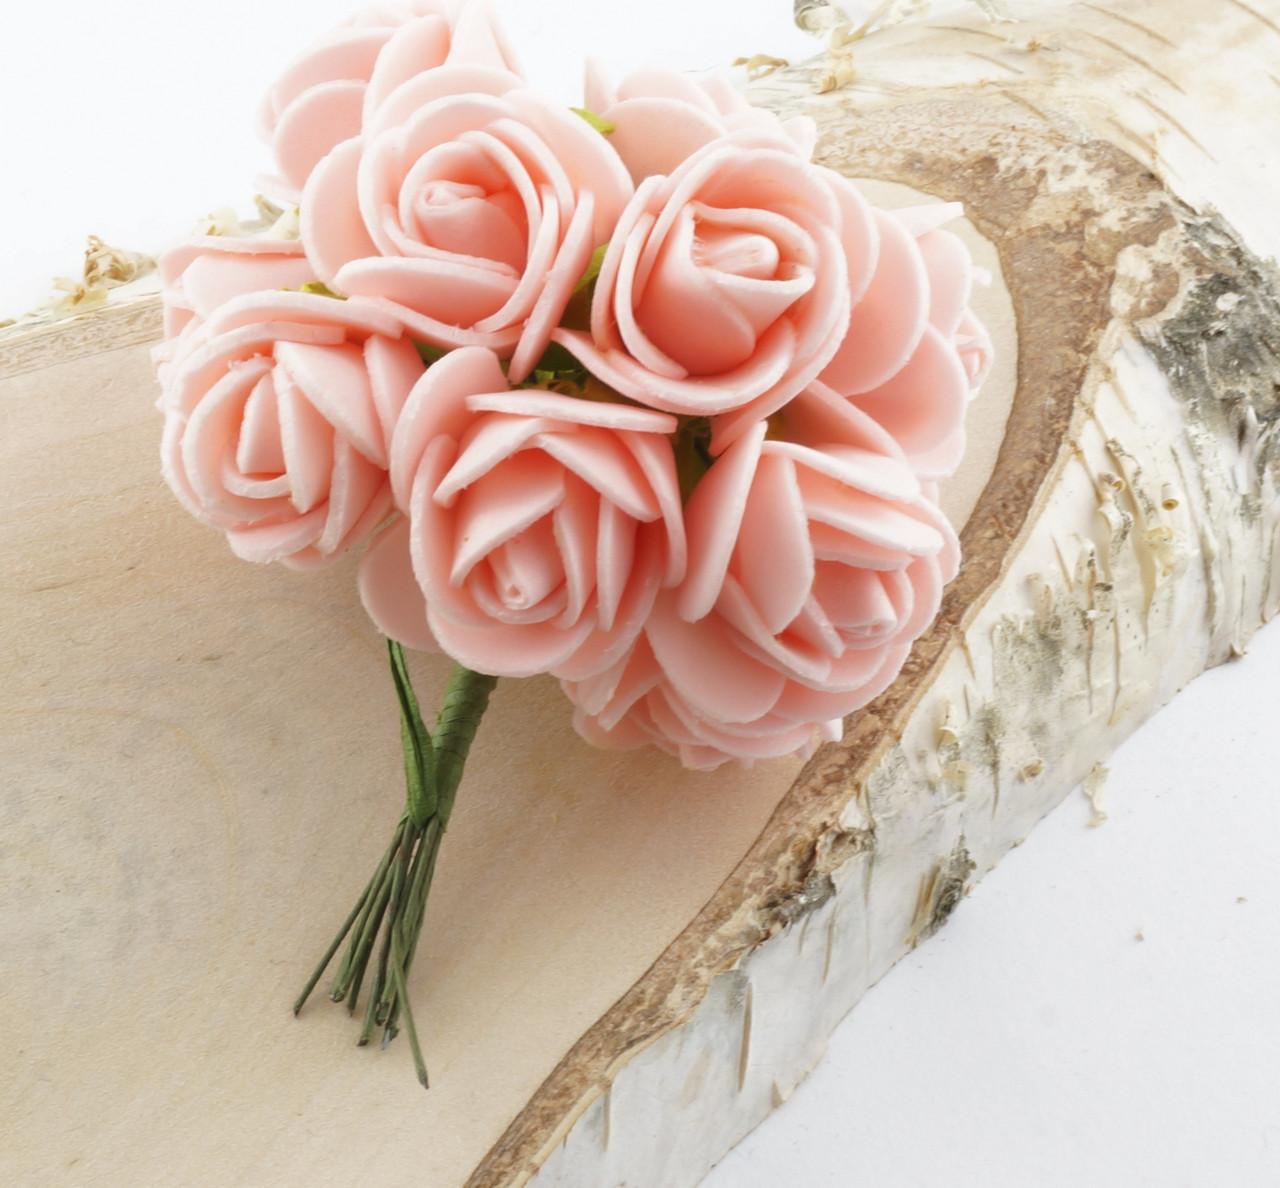 Купить цветы из фома опт украина заказ цветов в щелково